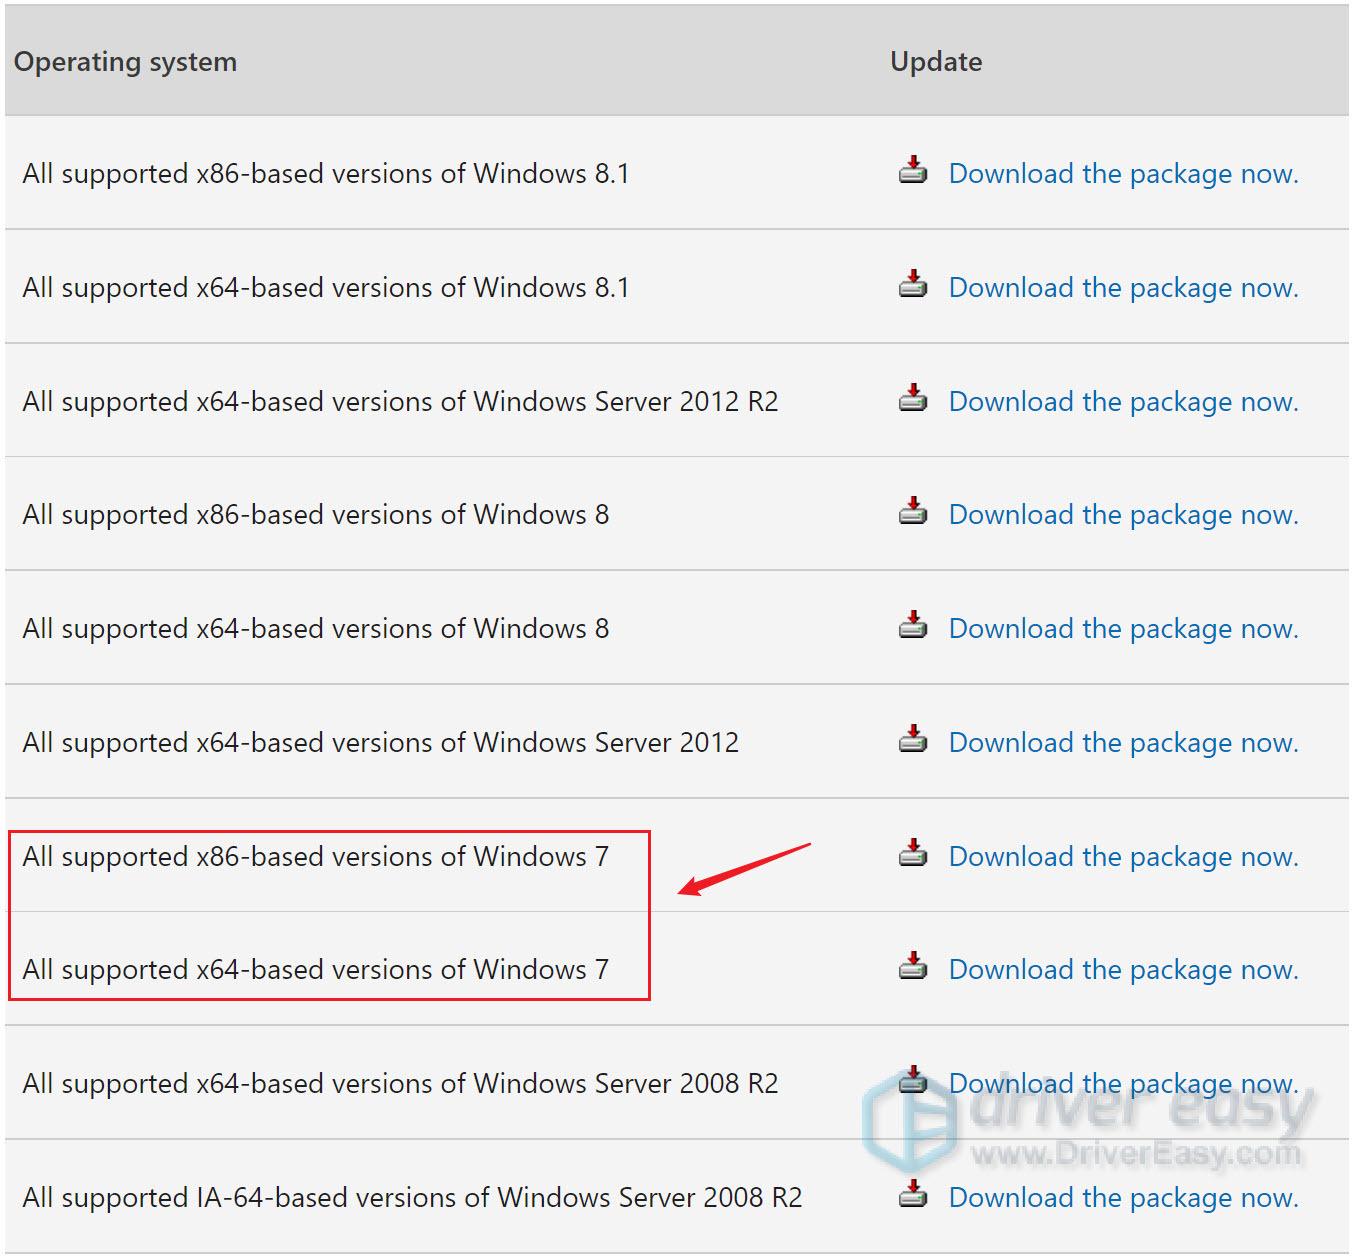 download urgent updates for windows 7